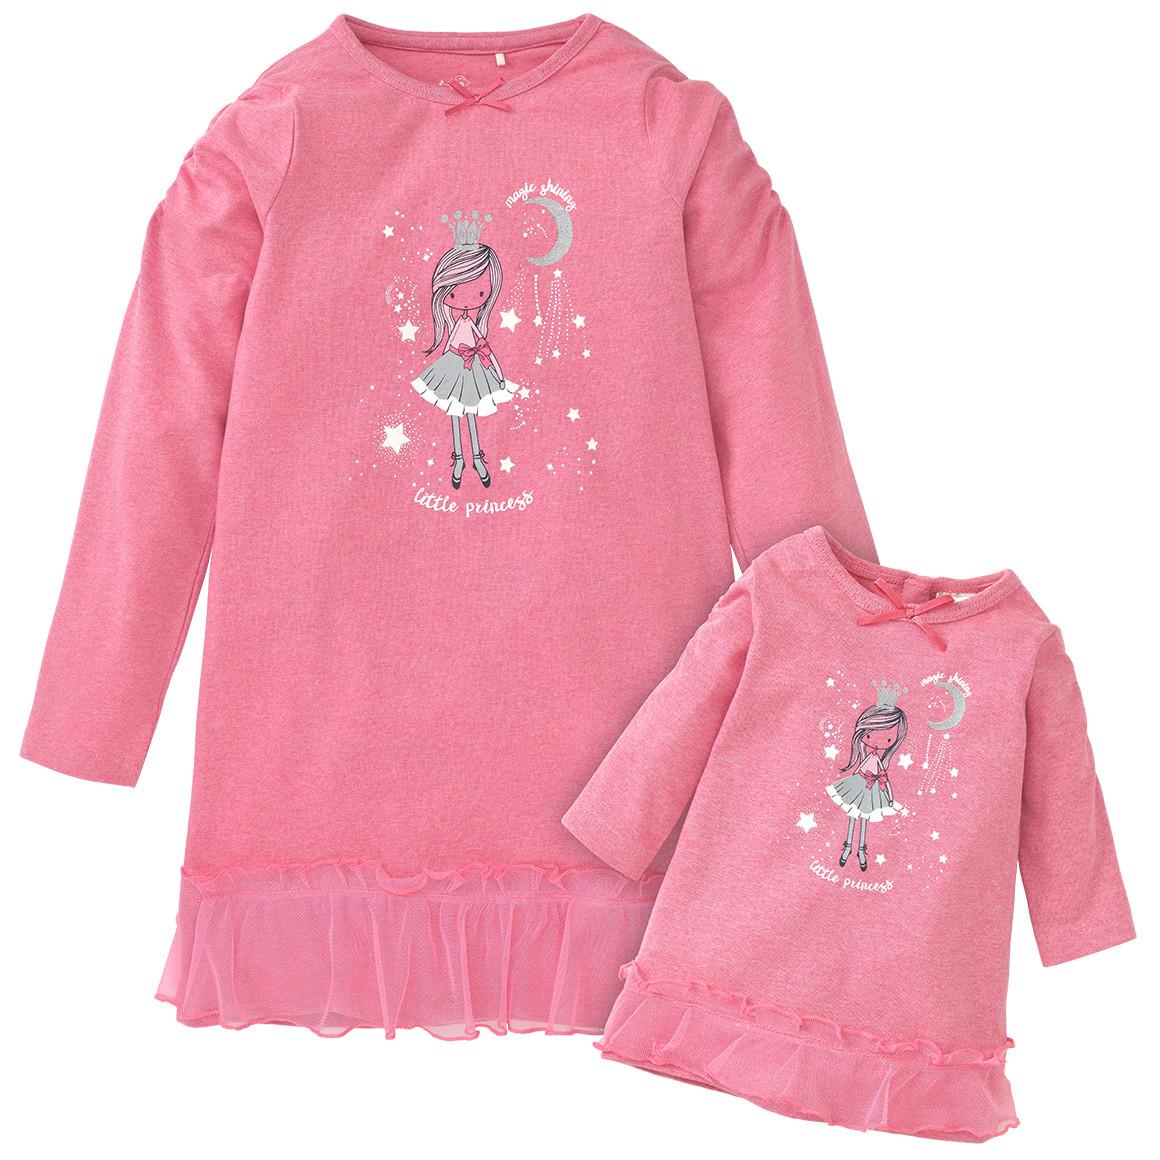 Minigirlwaeschenachtwaesche - Mädchen Nachthemd und Puppen Nachthemd - Onlineshop Ernstings family